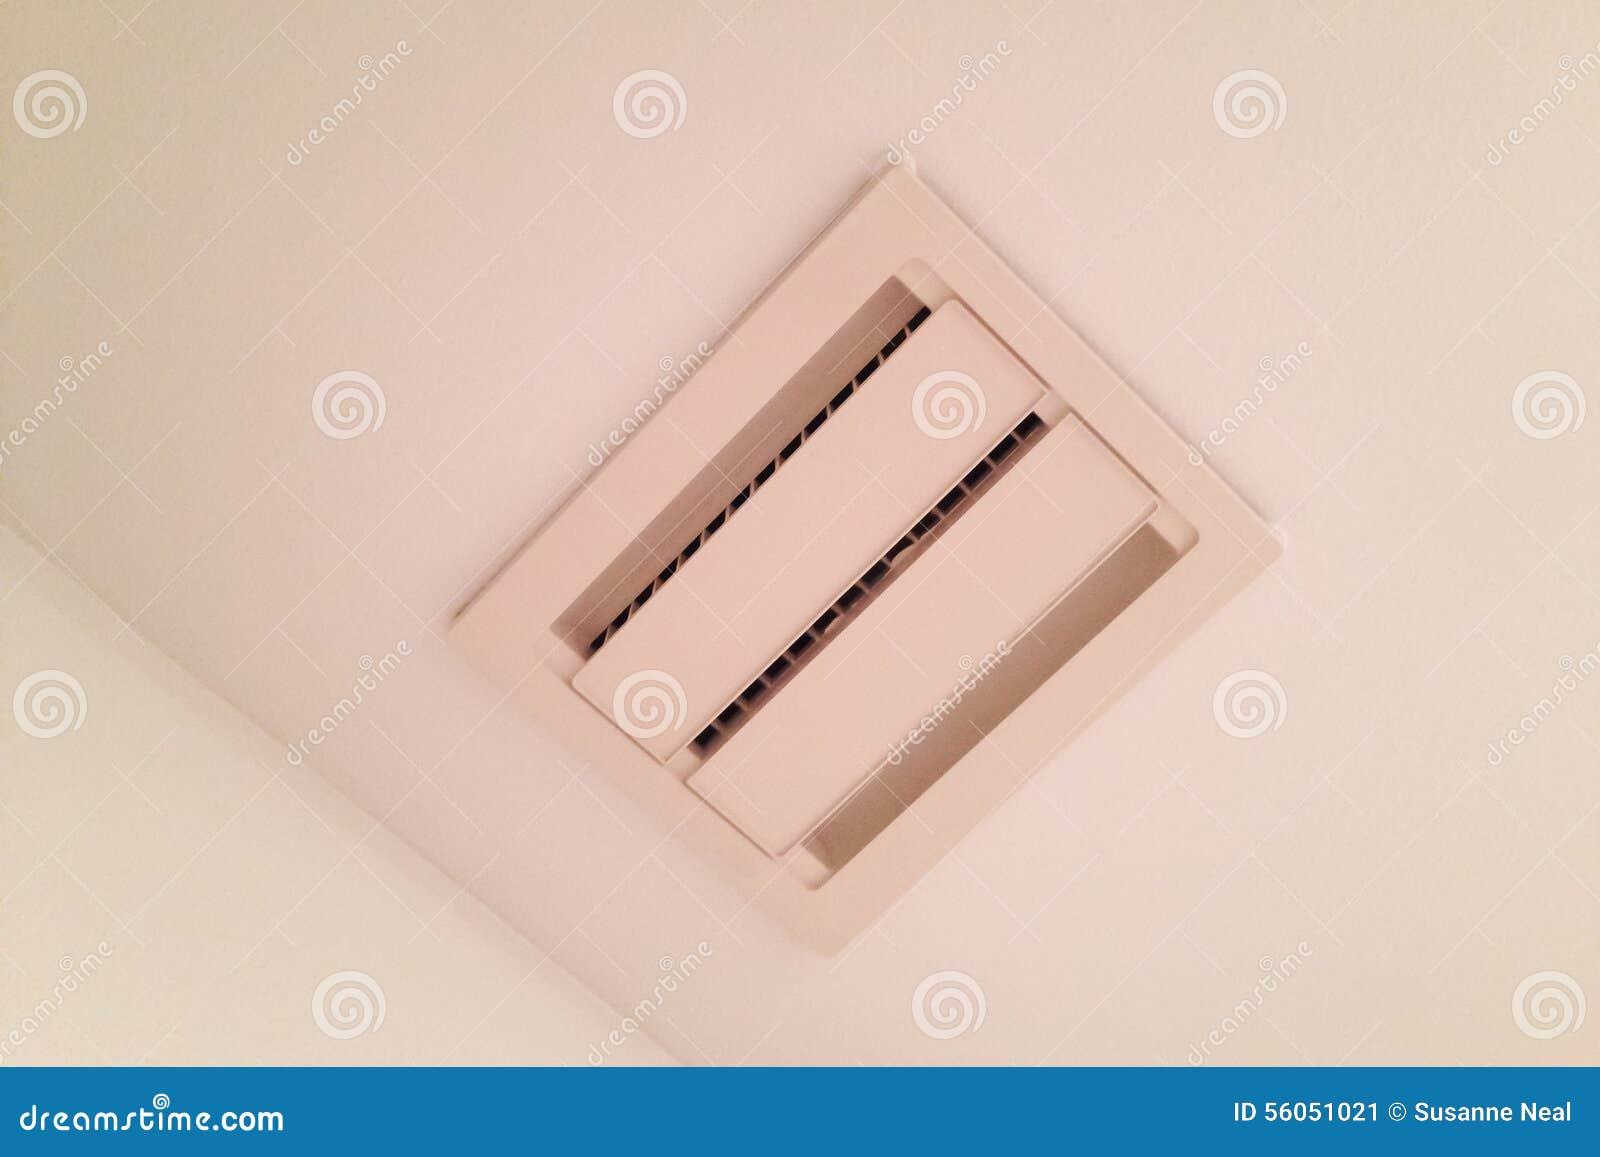 Sfiato del soffitto per l 39 aspiratore del bagno immagine - Aspiratore per bagno silenzioso ...